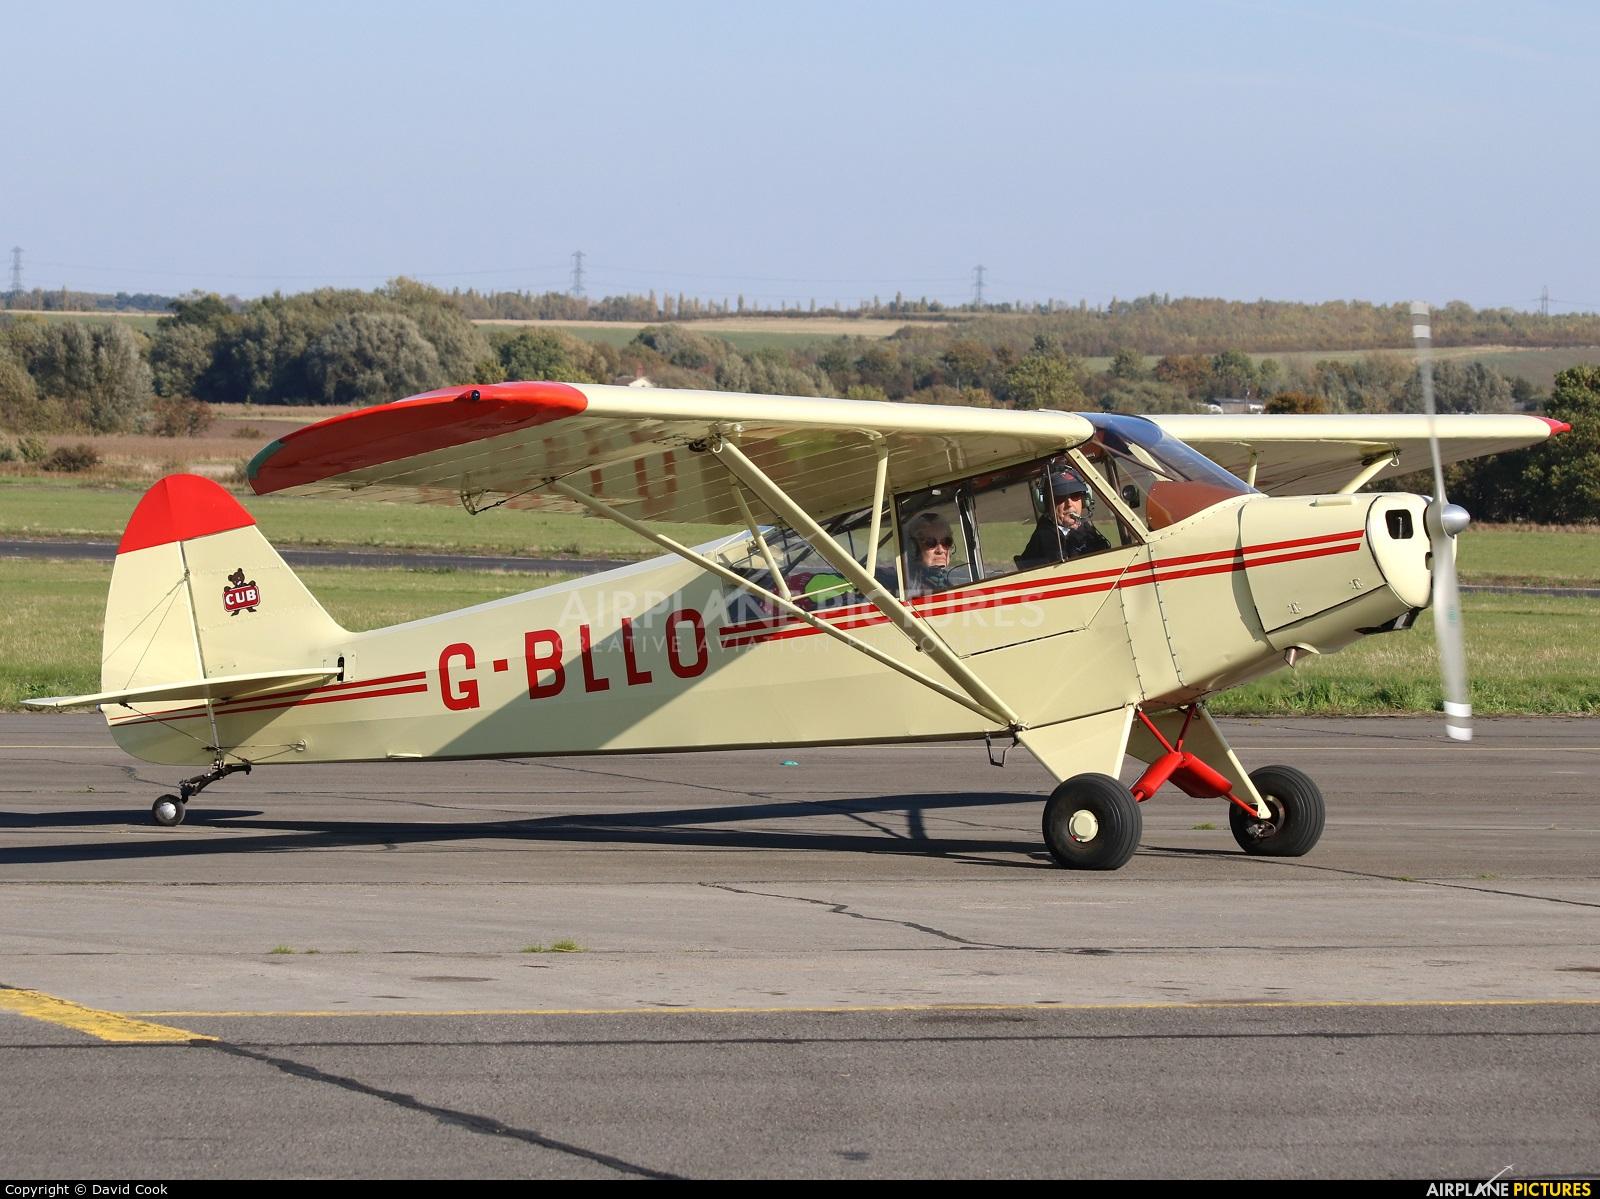 Private G-BLLO aircraft at Tollerton